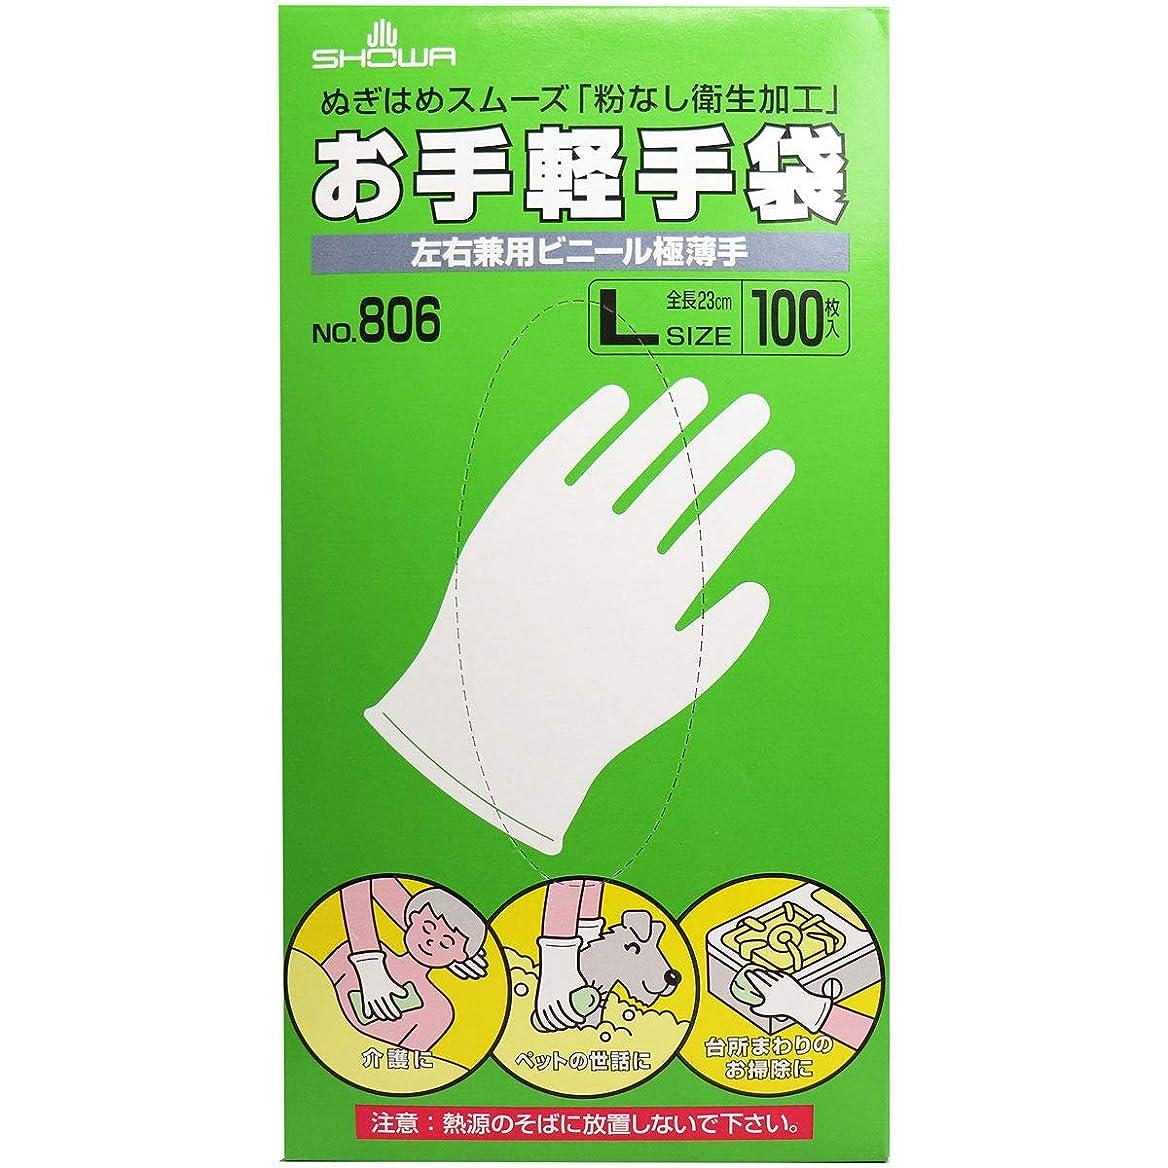 記録砲兵いらいらするお手軽手袋 No.806 左右兼用ビニール極薄手 粉なし Lサイズ 100枚入×10個セット